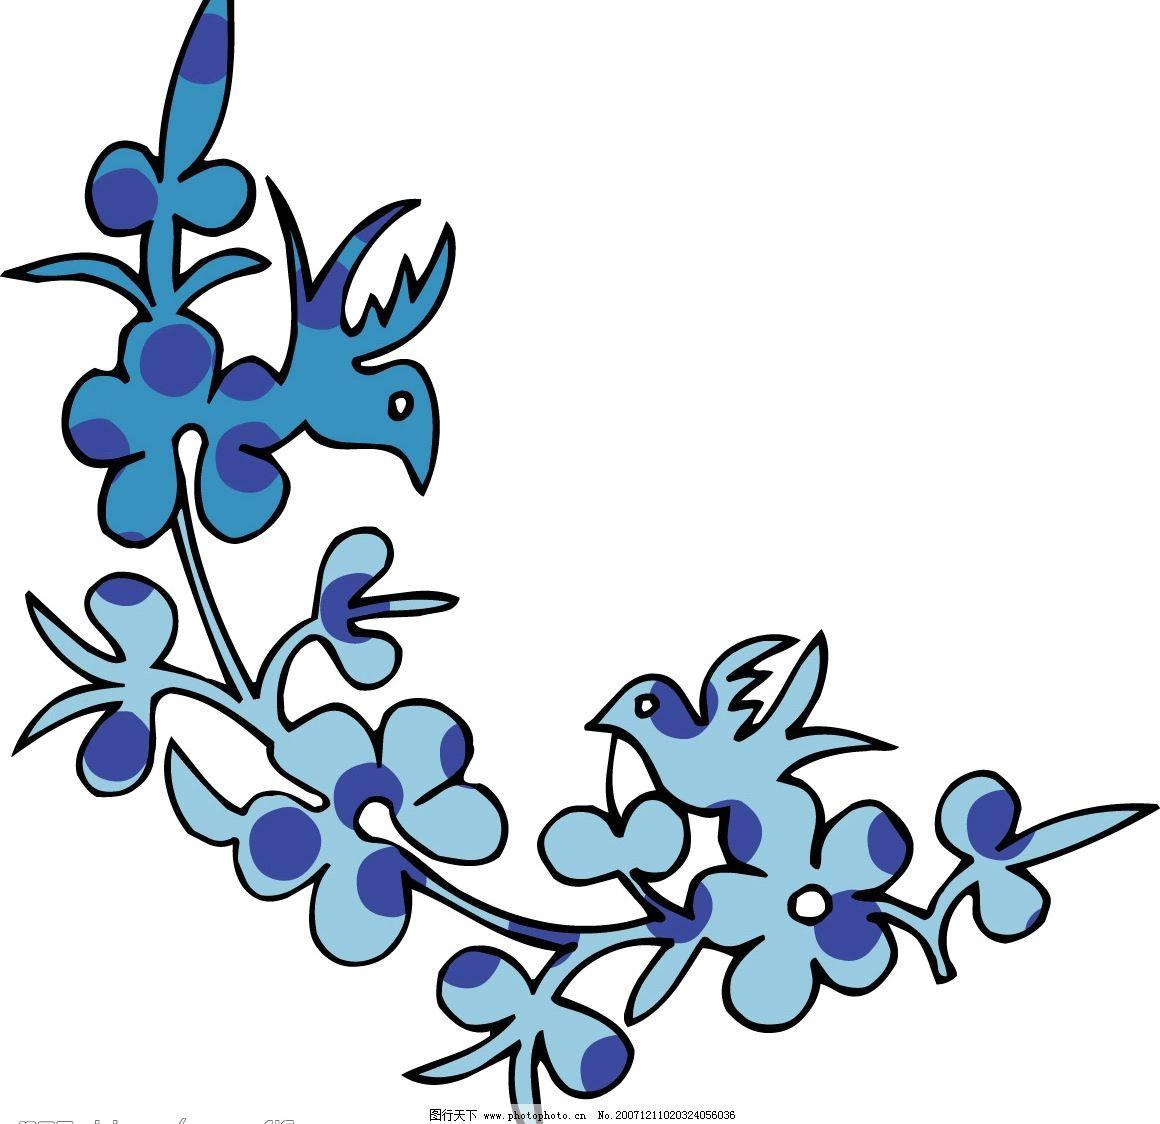 彩色花纹图案 彩色花纹 花纹 底纹边框 花纹花边 彩色花纹图案(500张)